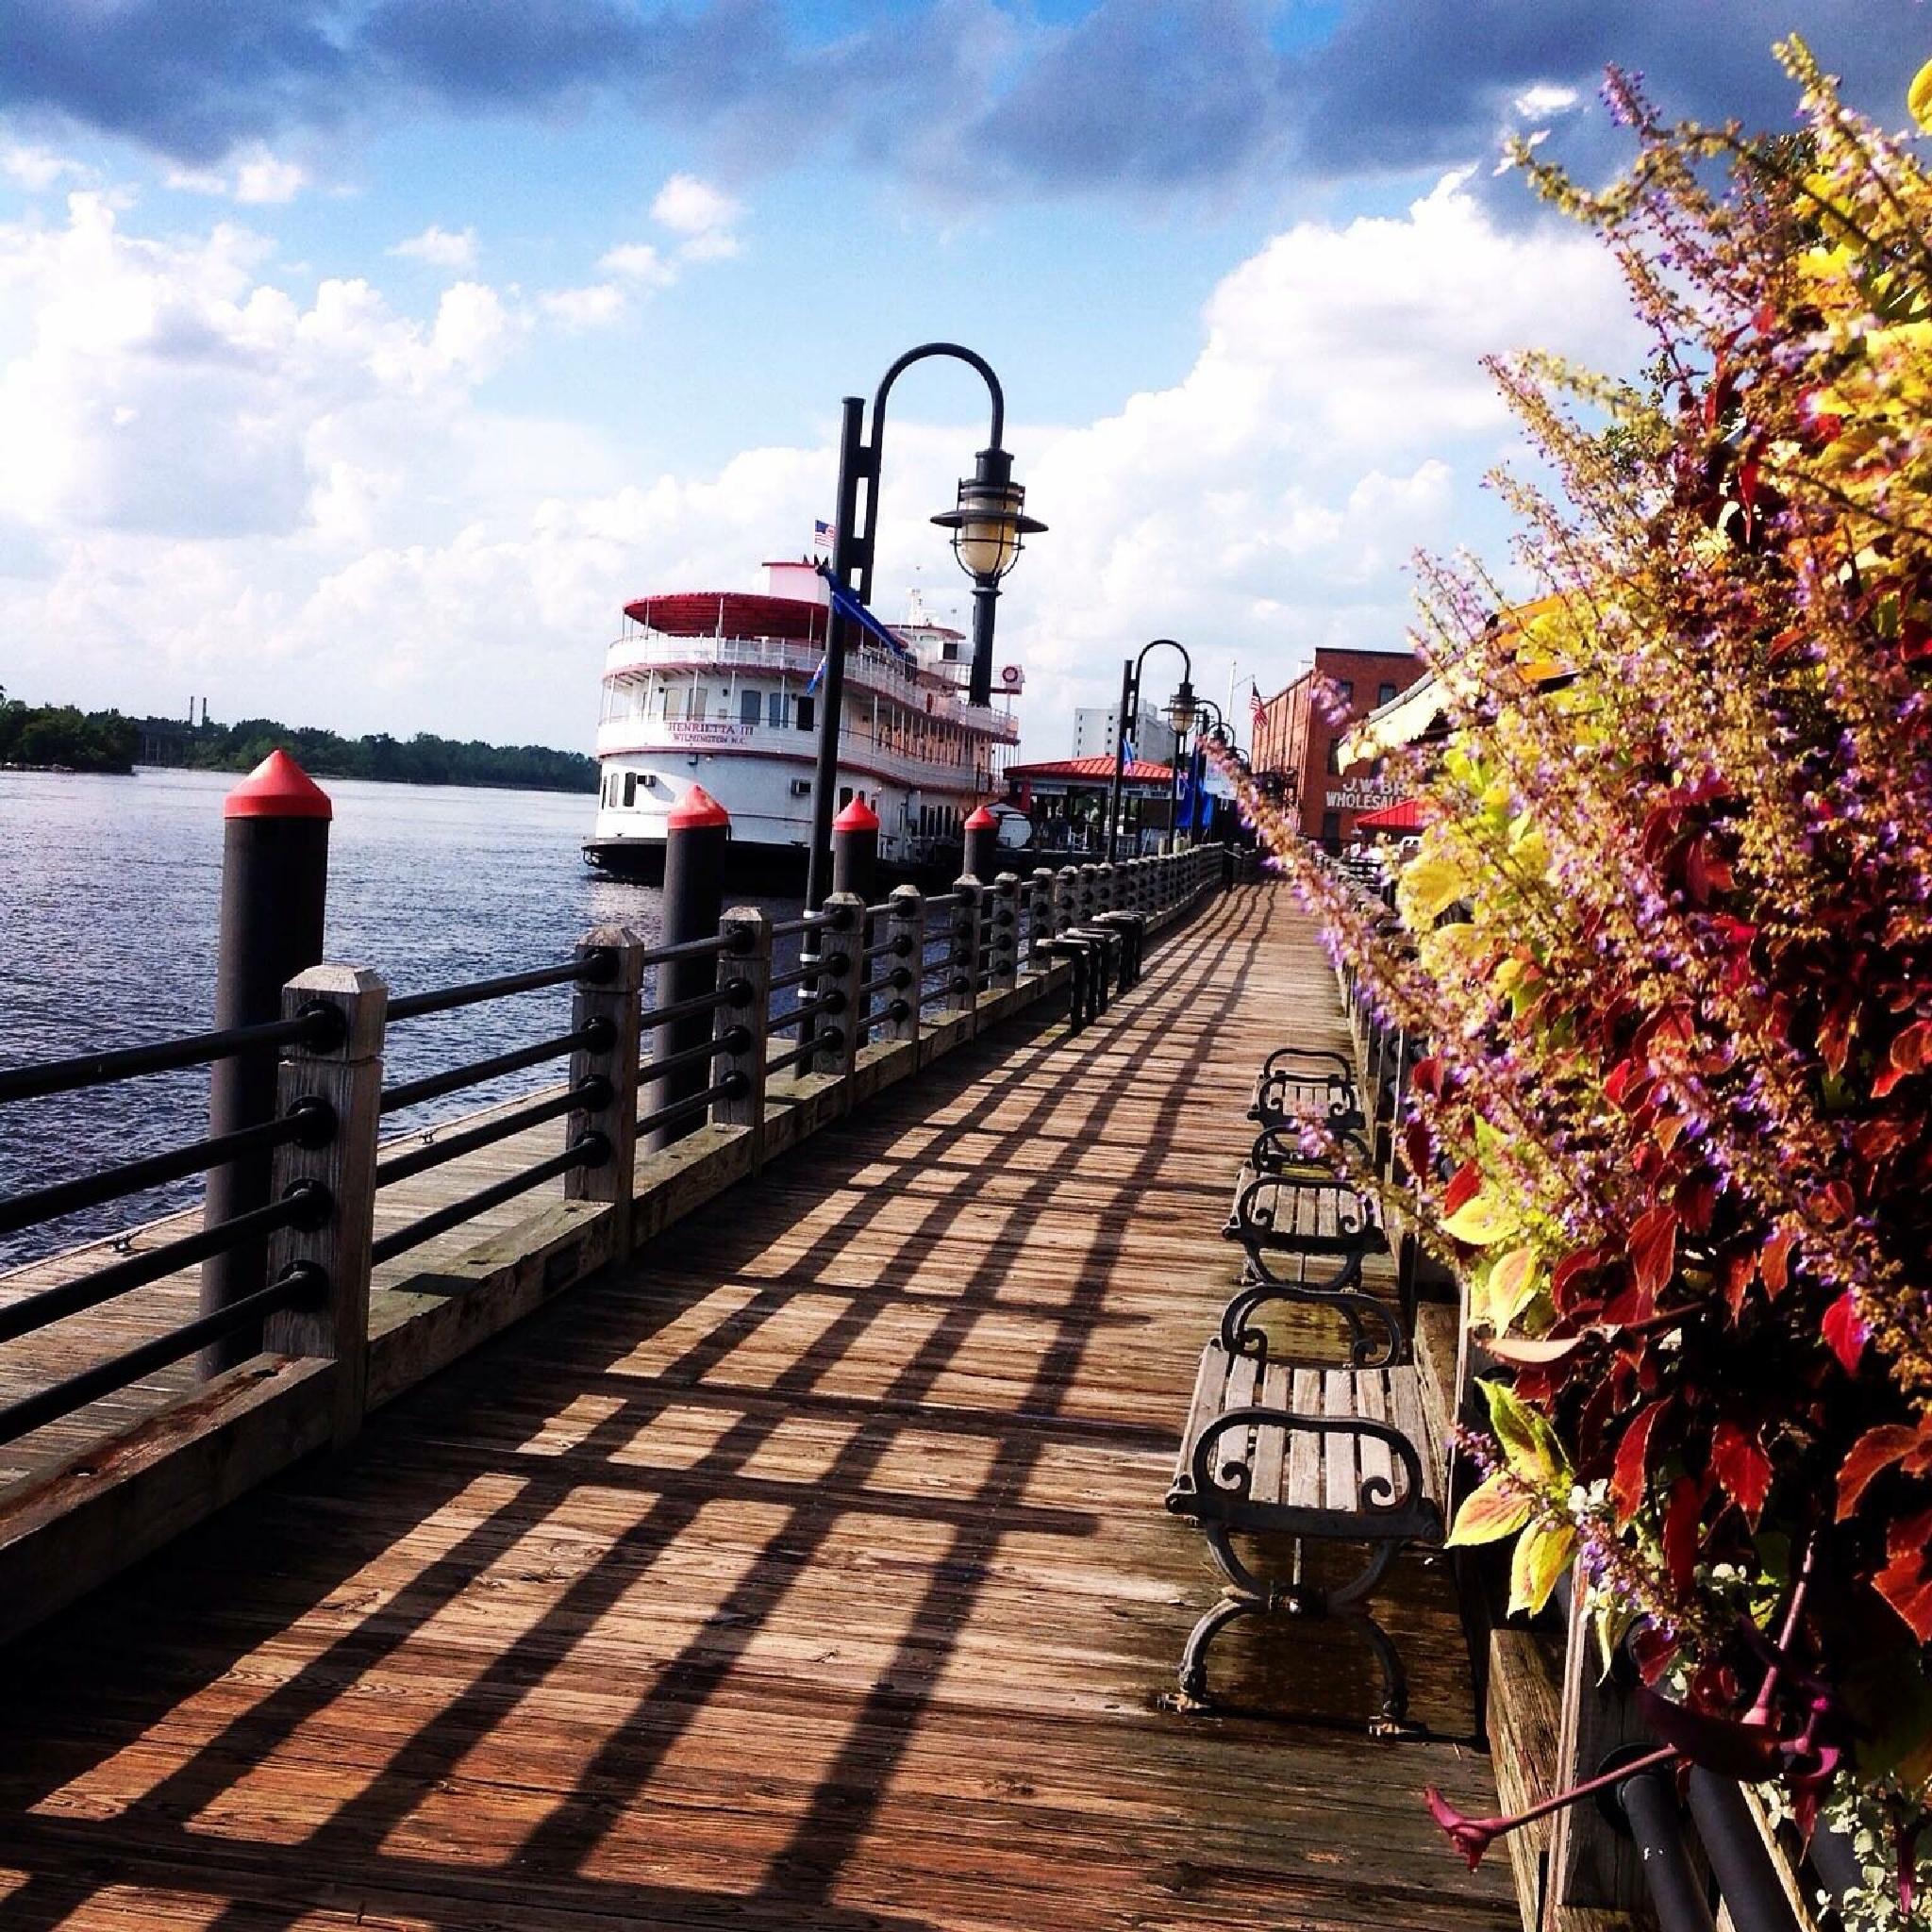 River walk in full bloom:) by BNK